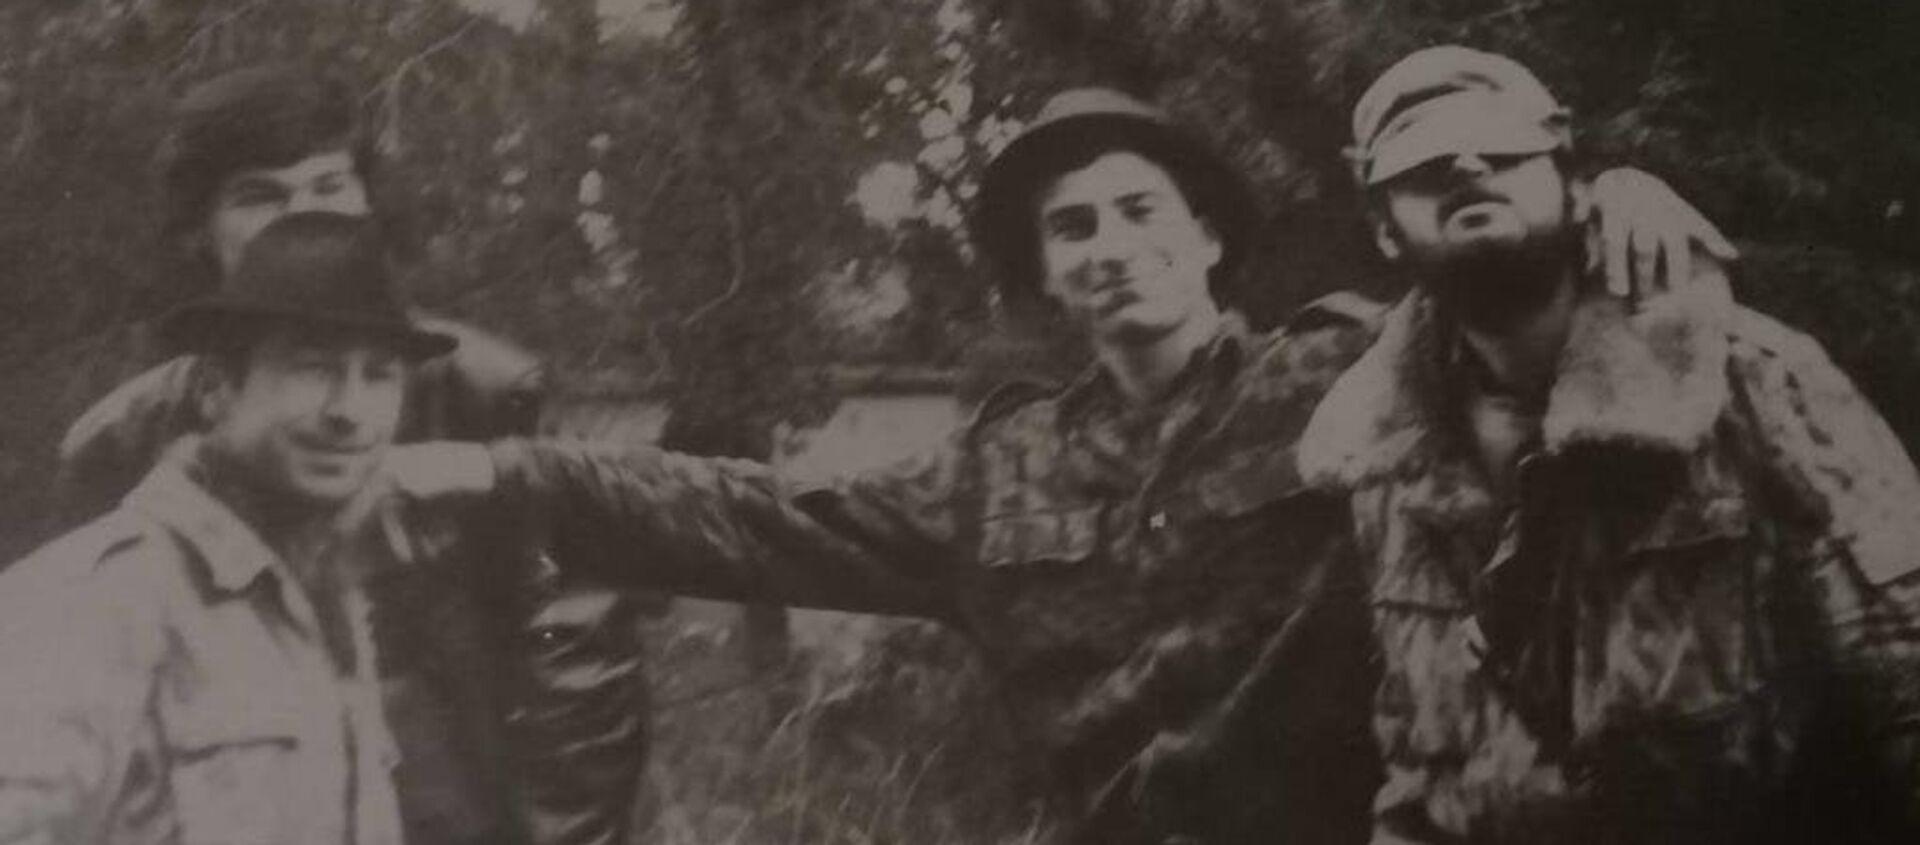 Заурбей Багателия с сослуживцами - Sputnik Абхазия, 1920, 26.09.2018